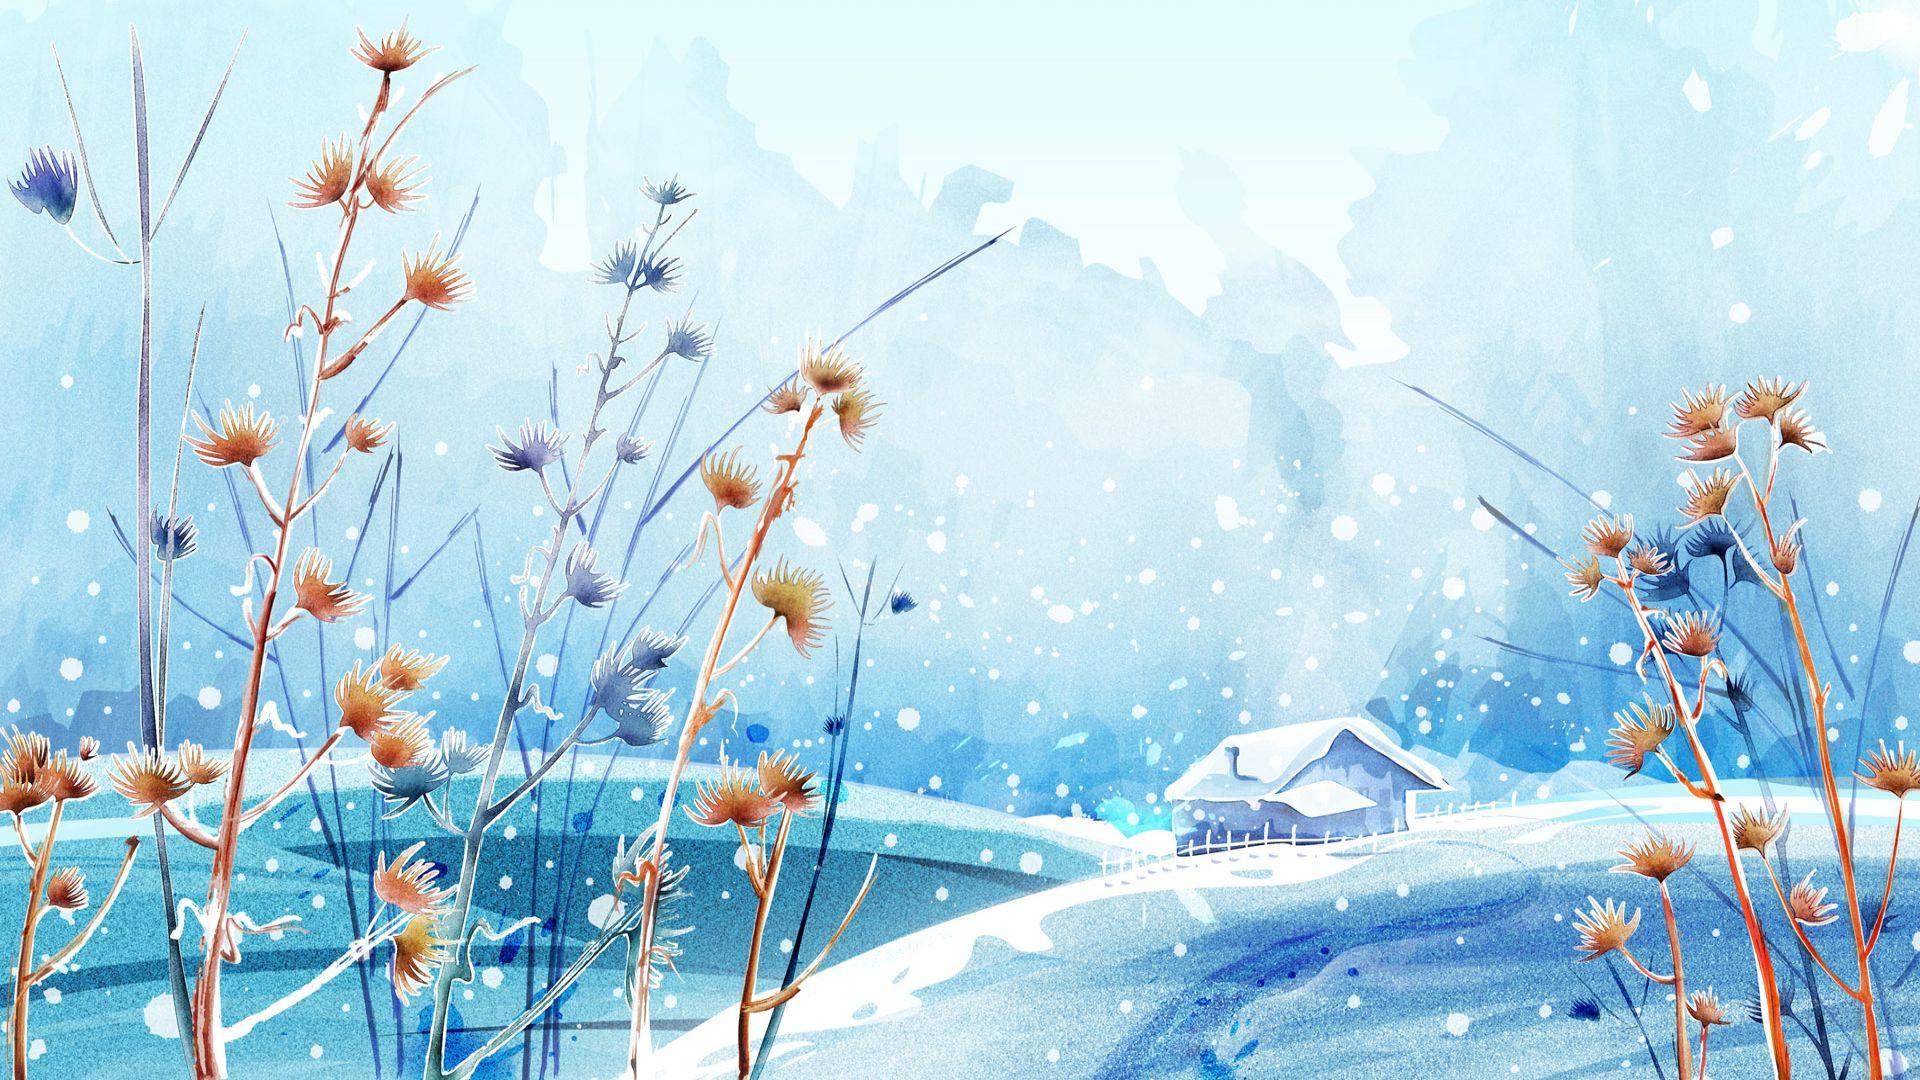 desktop winter wallpaper – www.wallpapers-in-hd.com